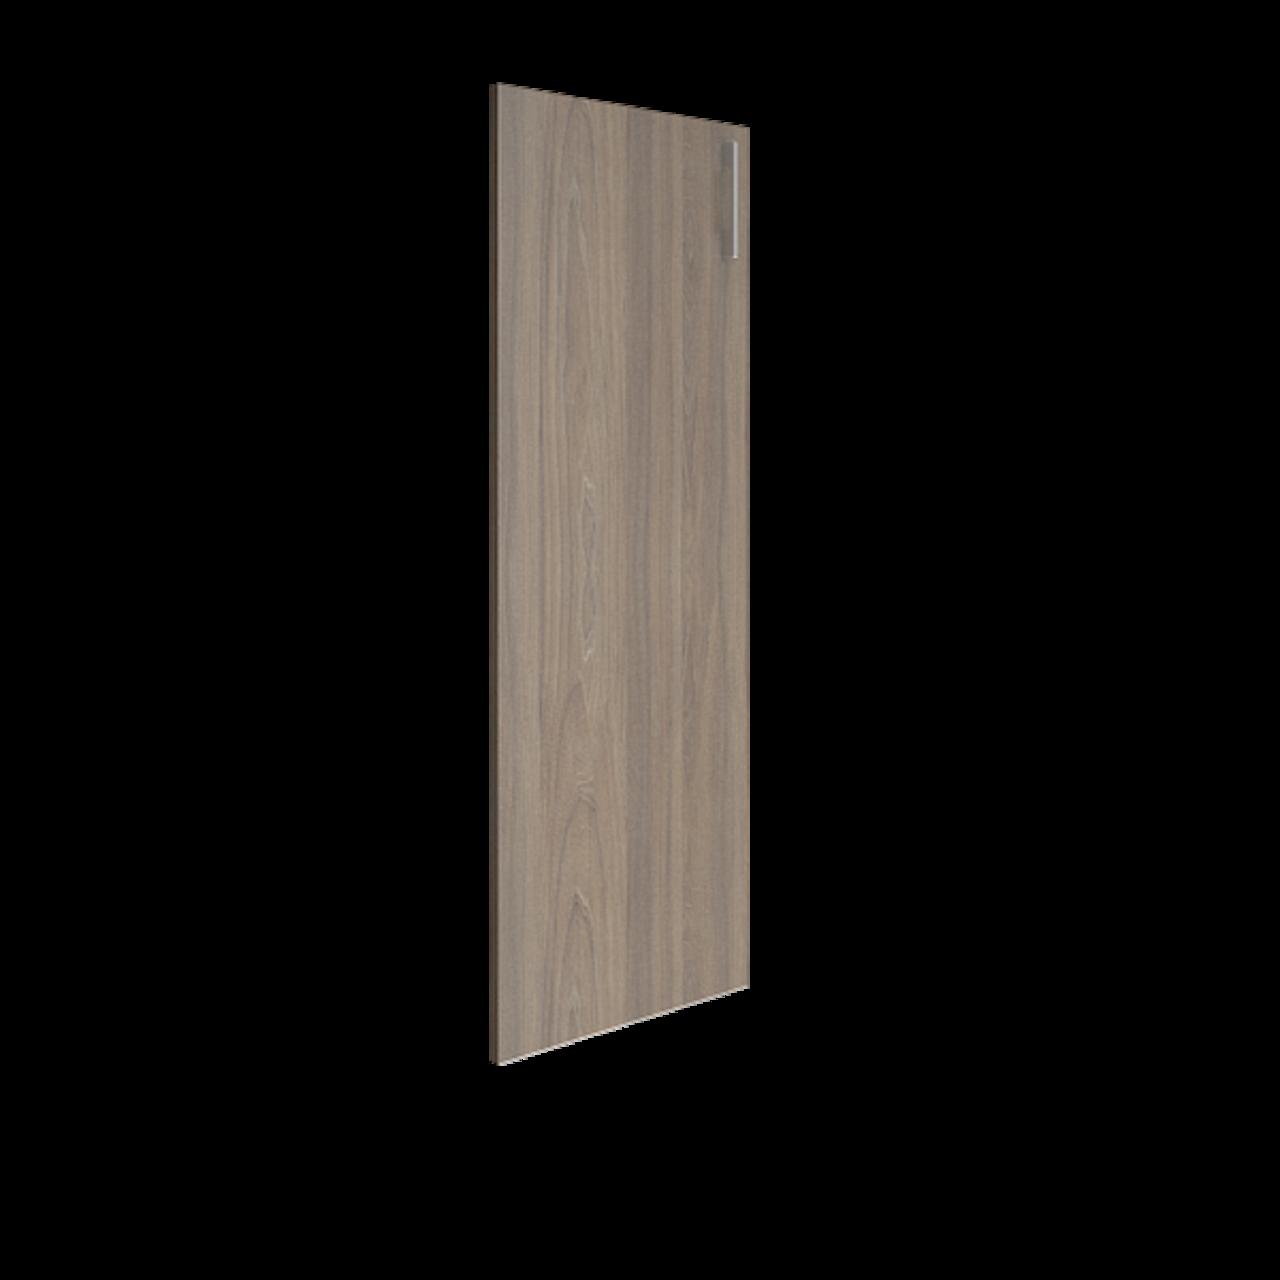 Дверь дсп средняя левая - фото 4